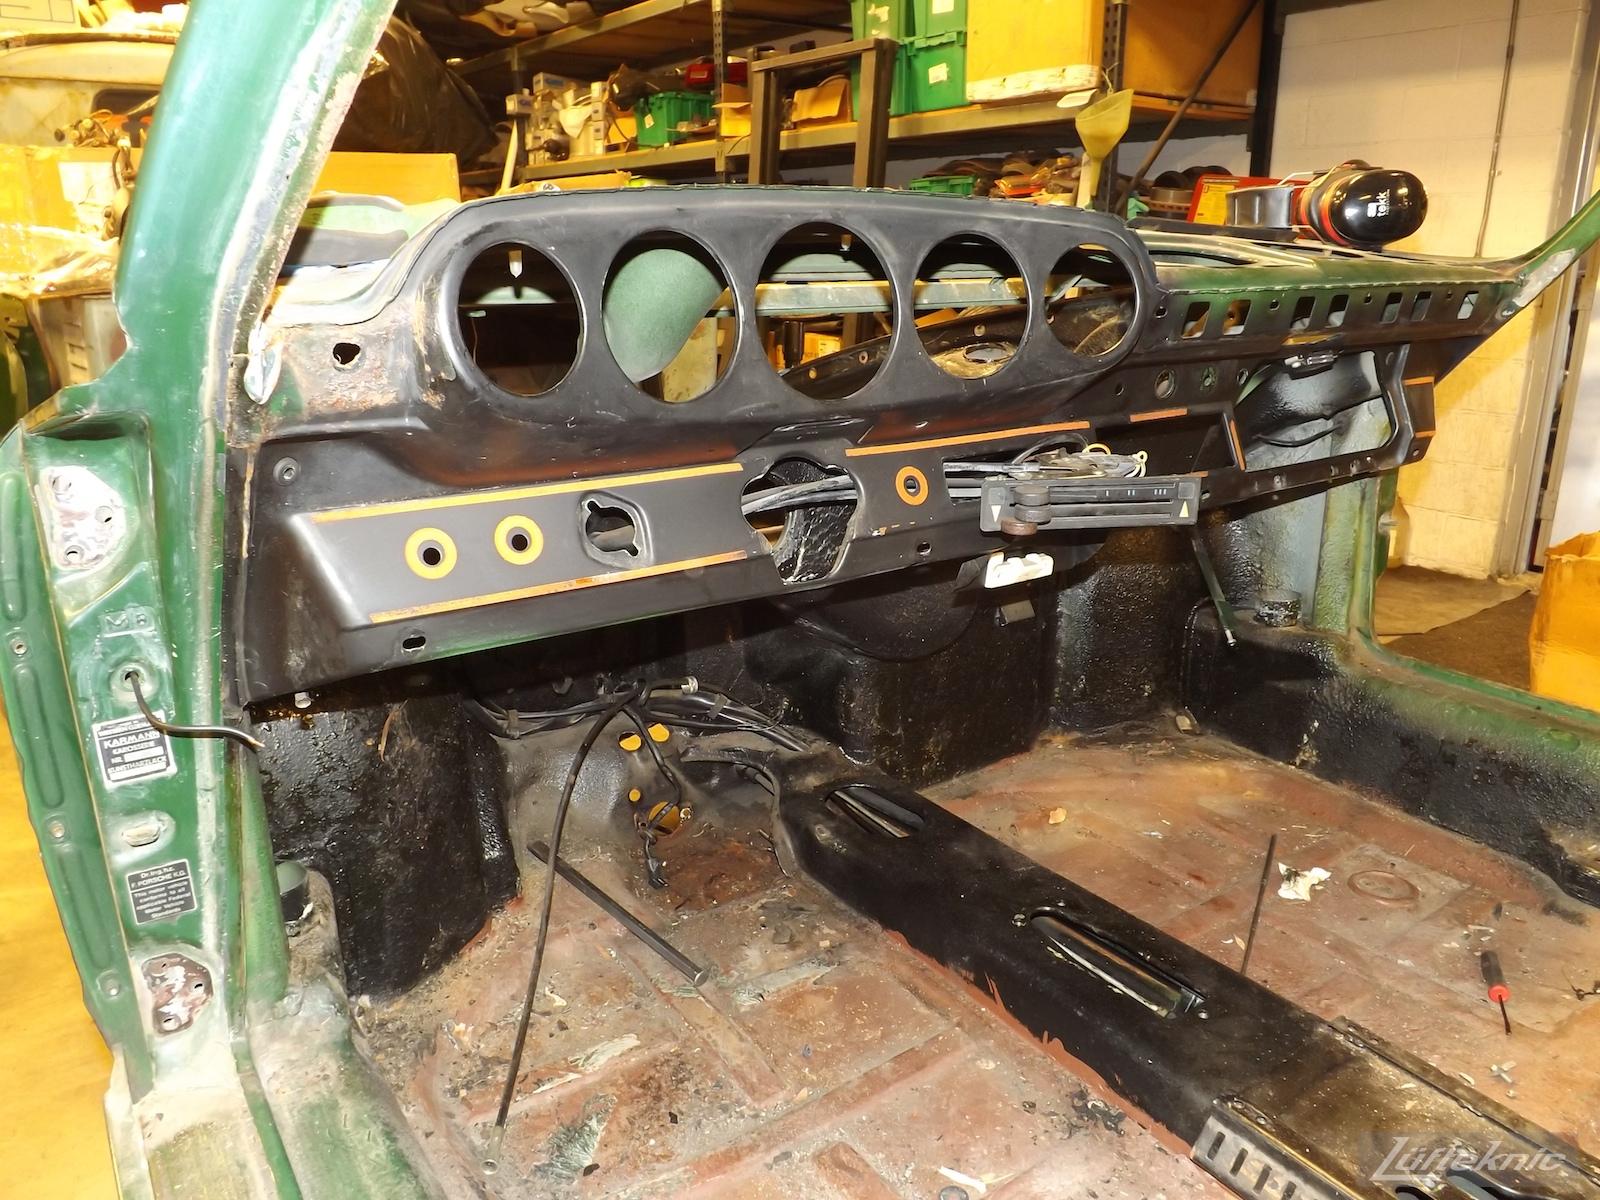 Stripped interior and dash on an Irish Green Porsche 912 undergoing restoration at Lufteknic.